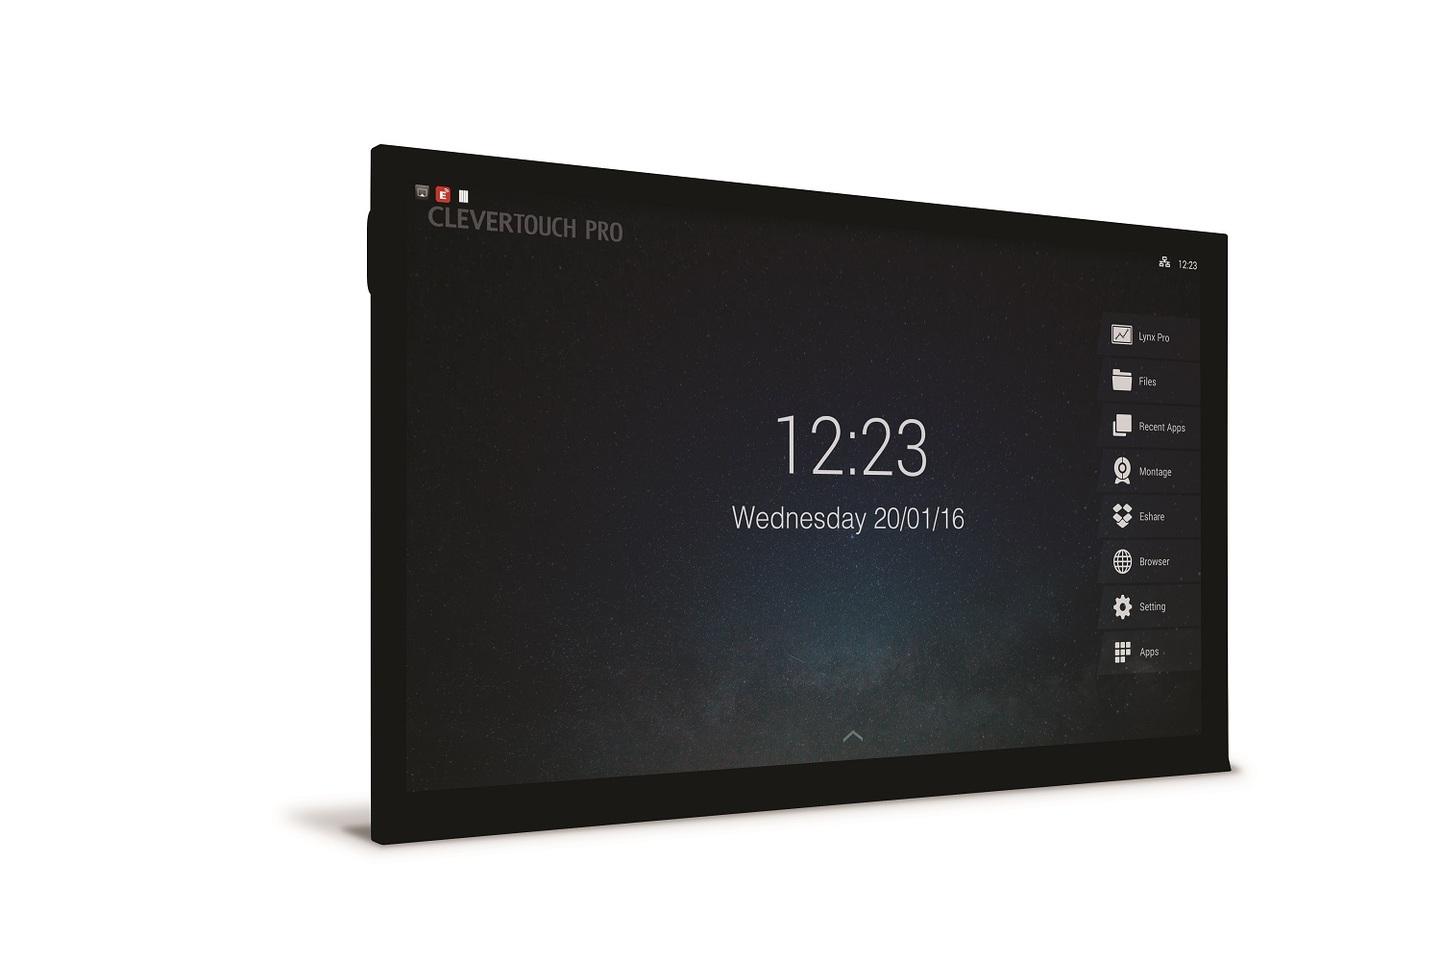 Charmex y Clevertouch ponen al alcance de las empresas monitores multitáctiles de altas prestaciones